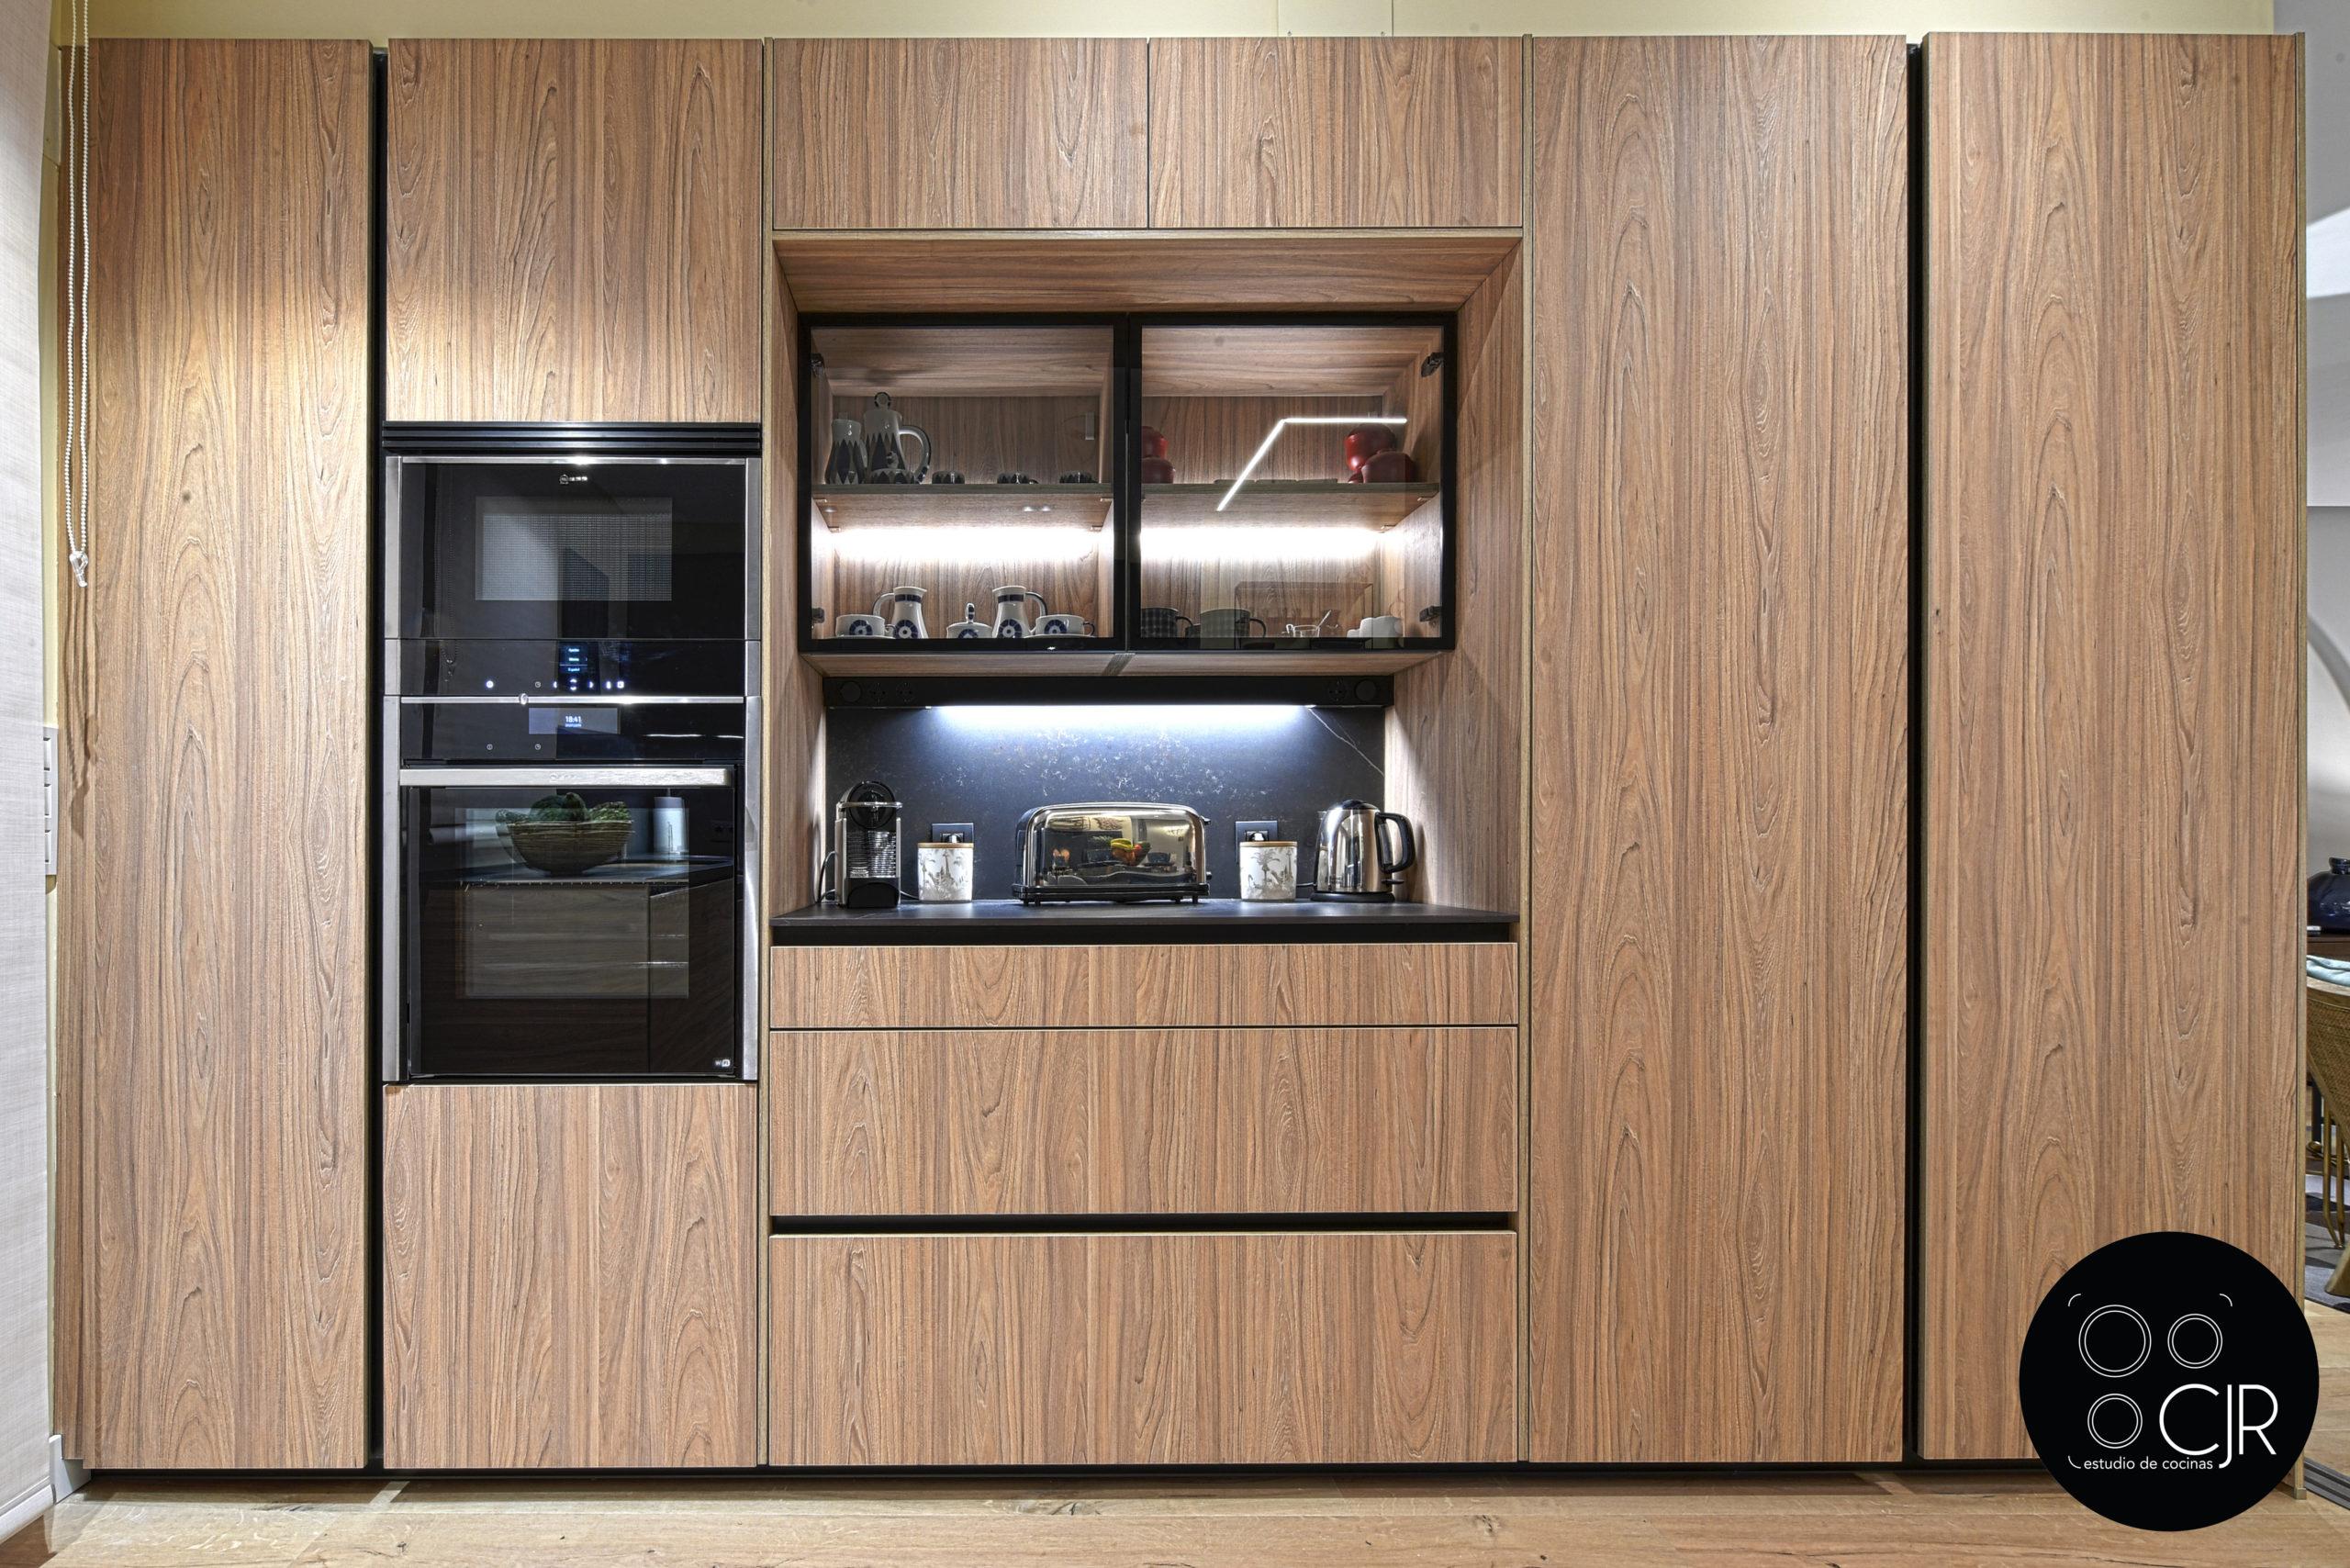 Frontal zona preparado en cocina moderna negra y madera